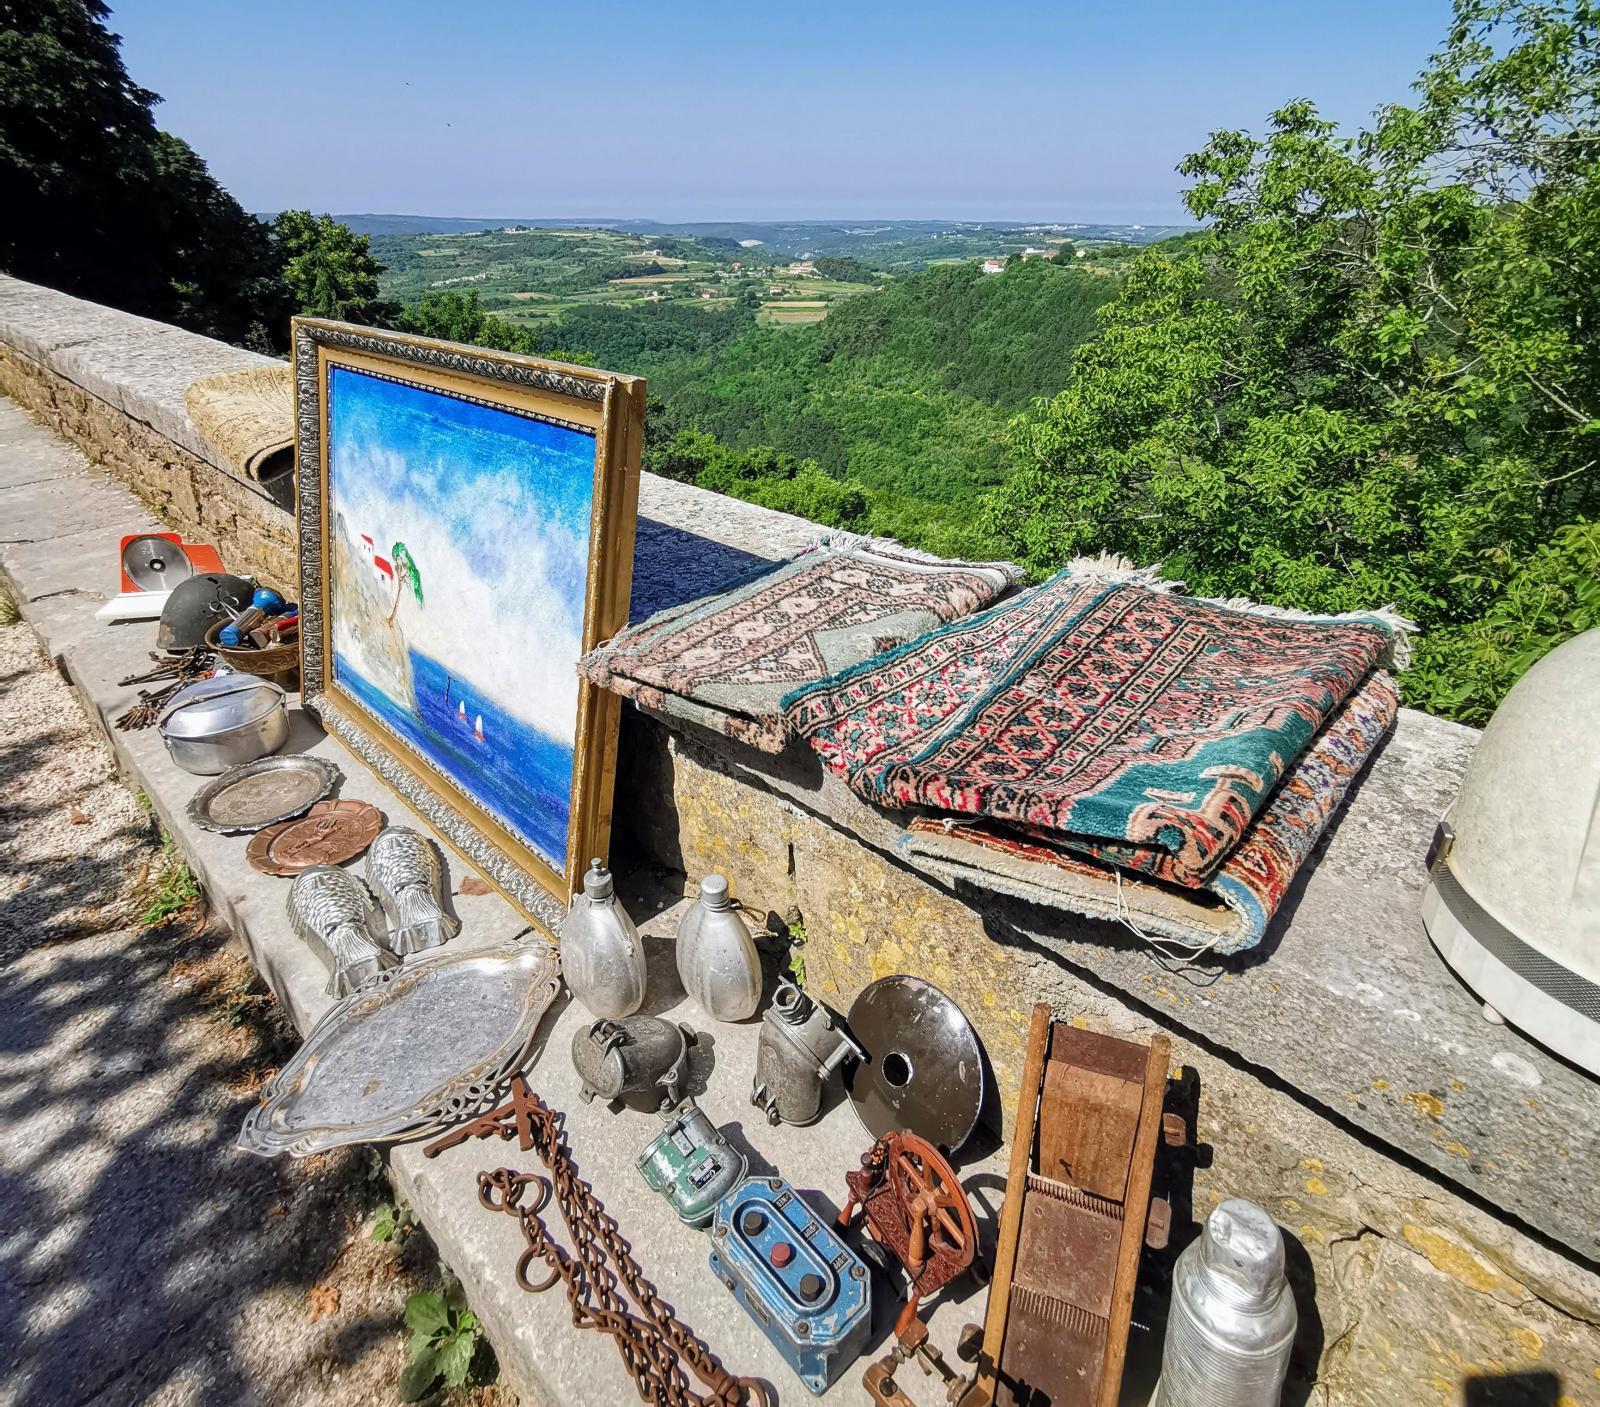 Kanske är det dags att loppisfynda med så här härlig utsikt över Istrien.